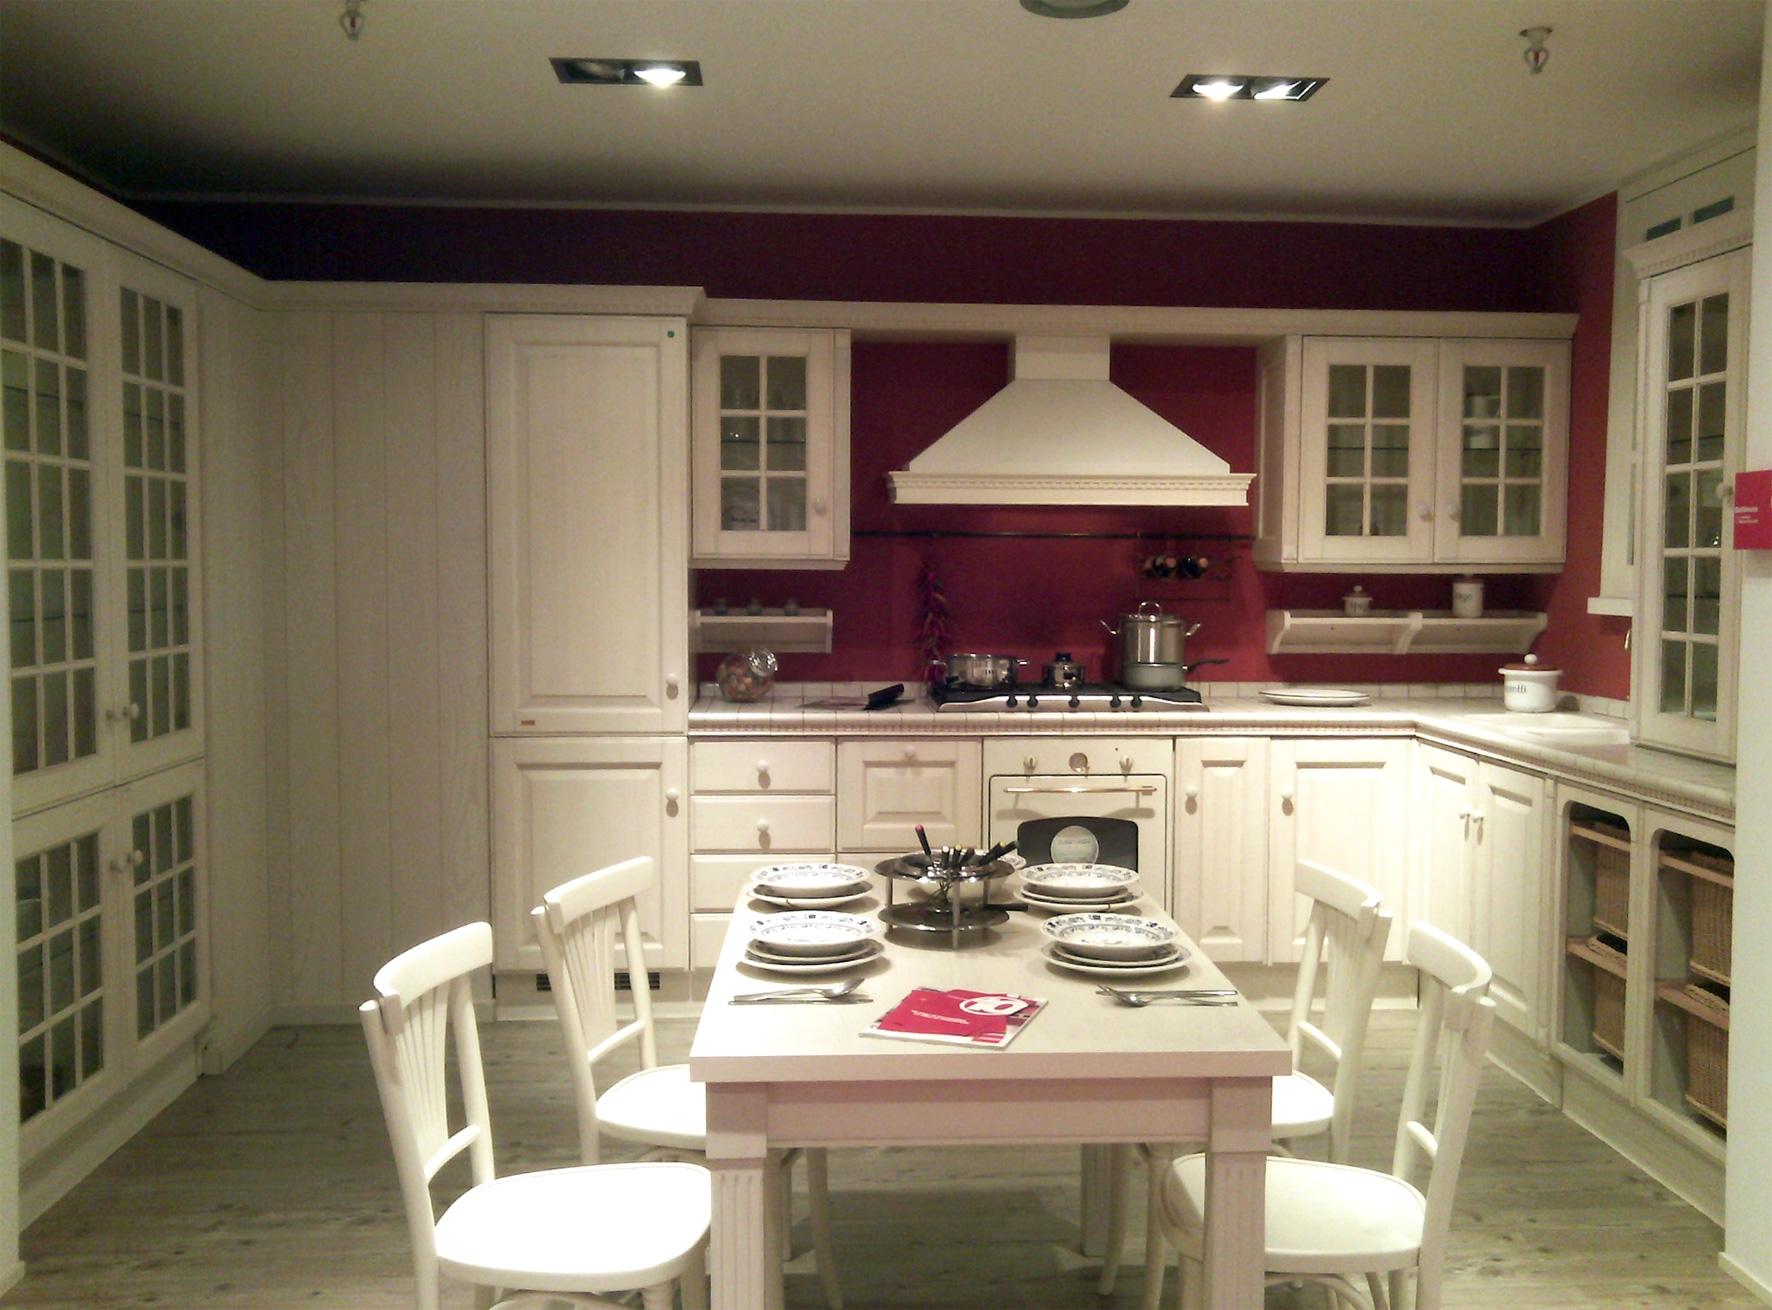 Cucina Scavolini BALTIMORA Stile Classico Offerta Esposizione Cucine  #A3283E 1772 1310 Stile Classico Cucina